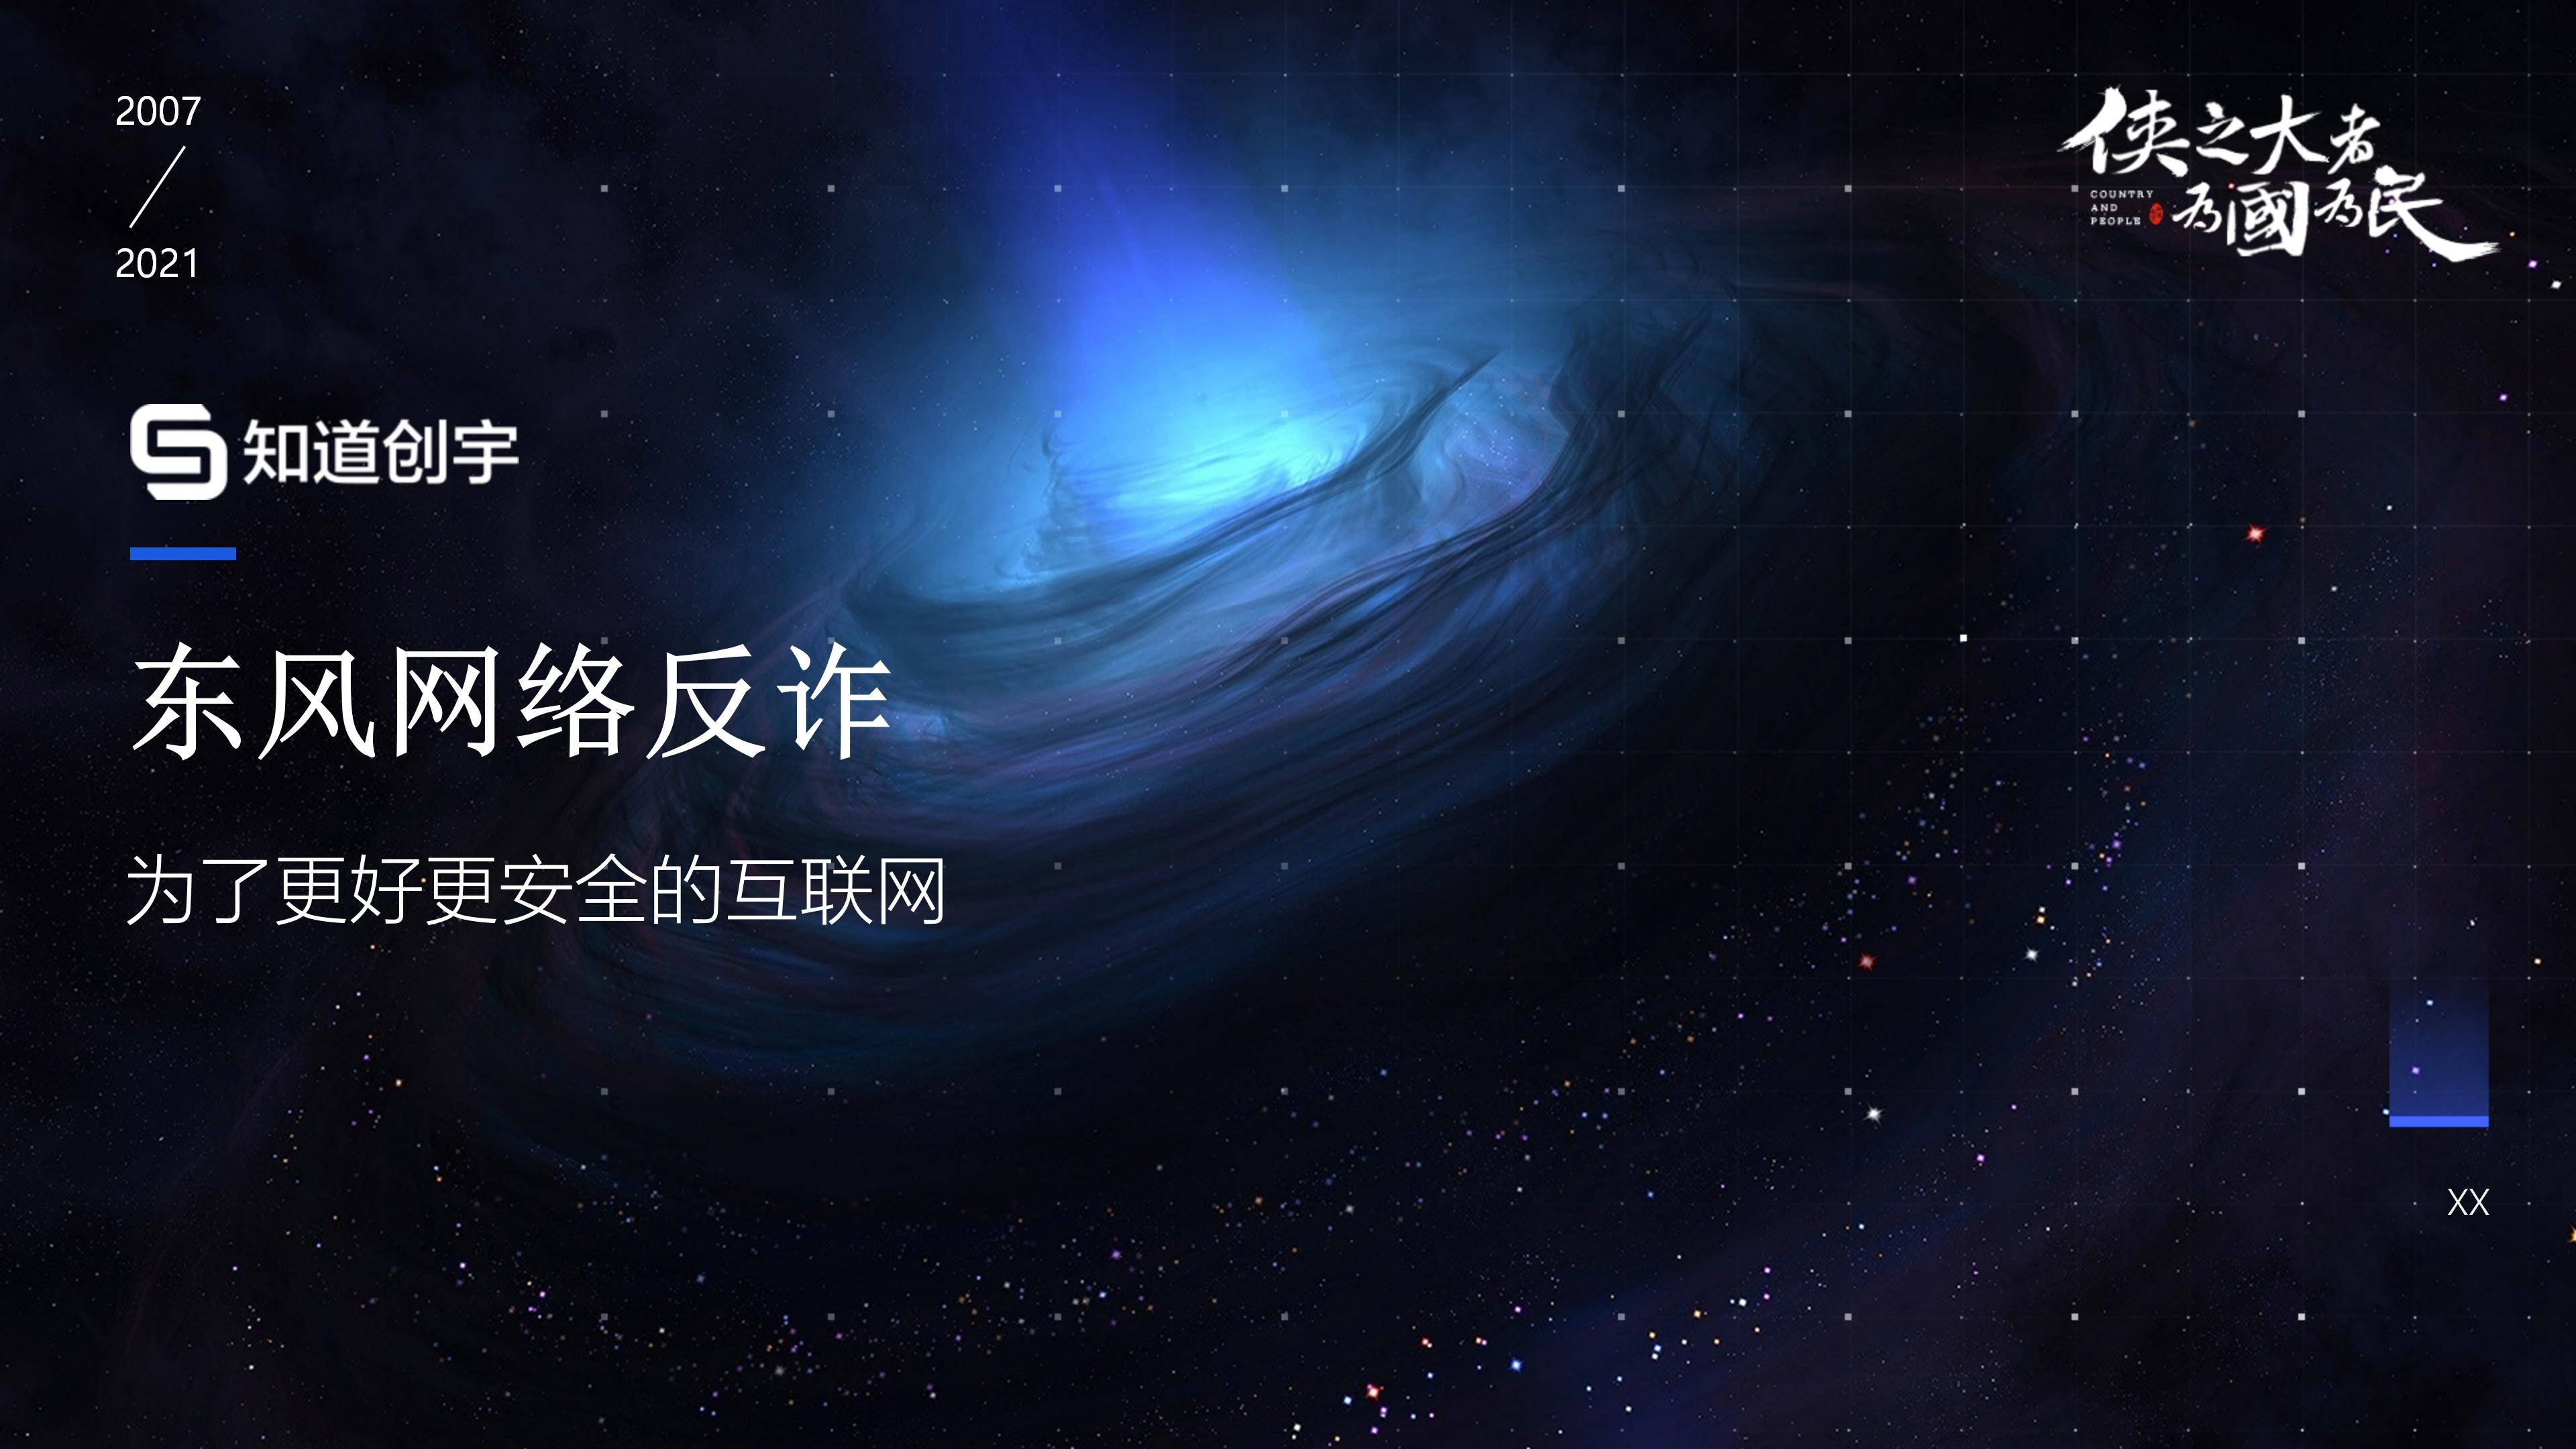 01.知道创宇反诈大脑预警SAAS平台产品白皮书_20210224_01.jpg